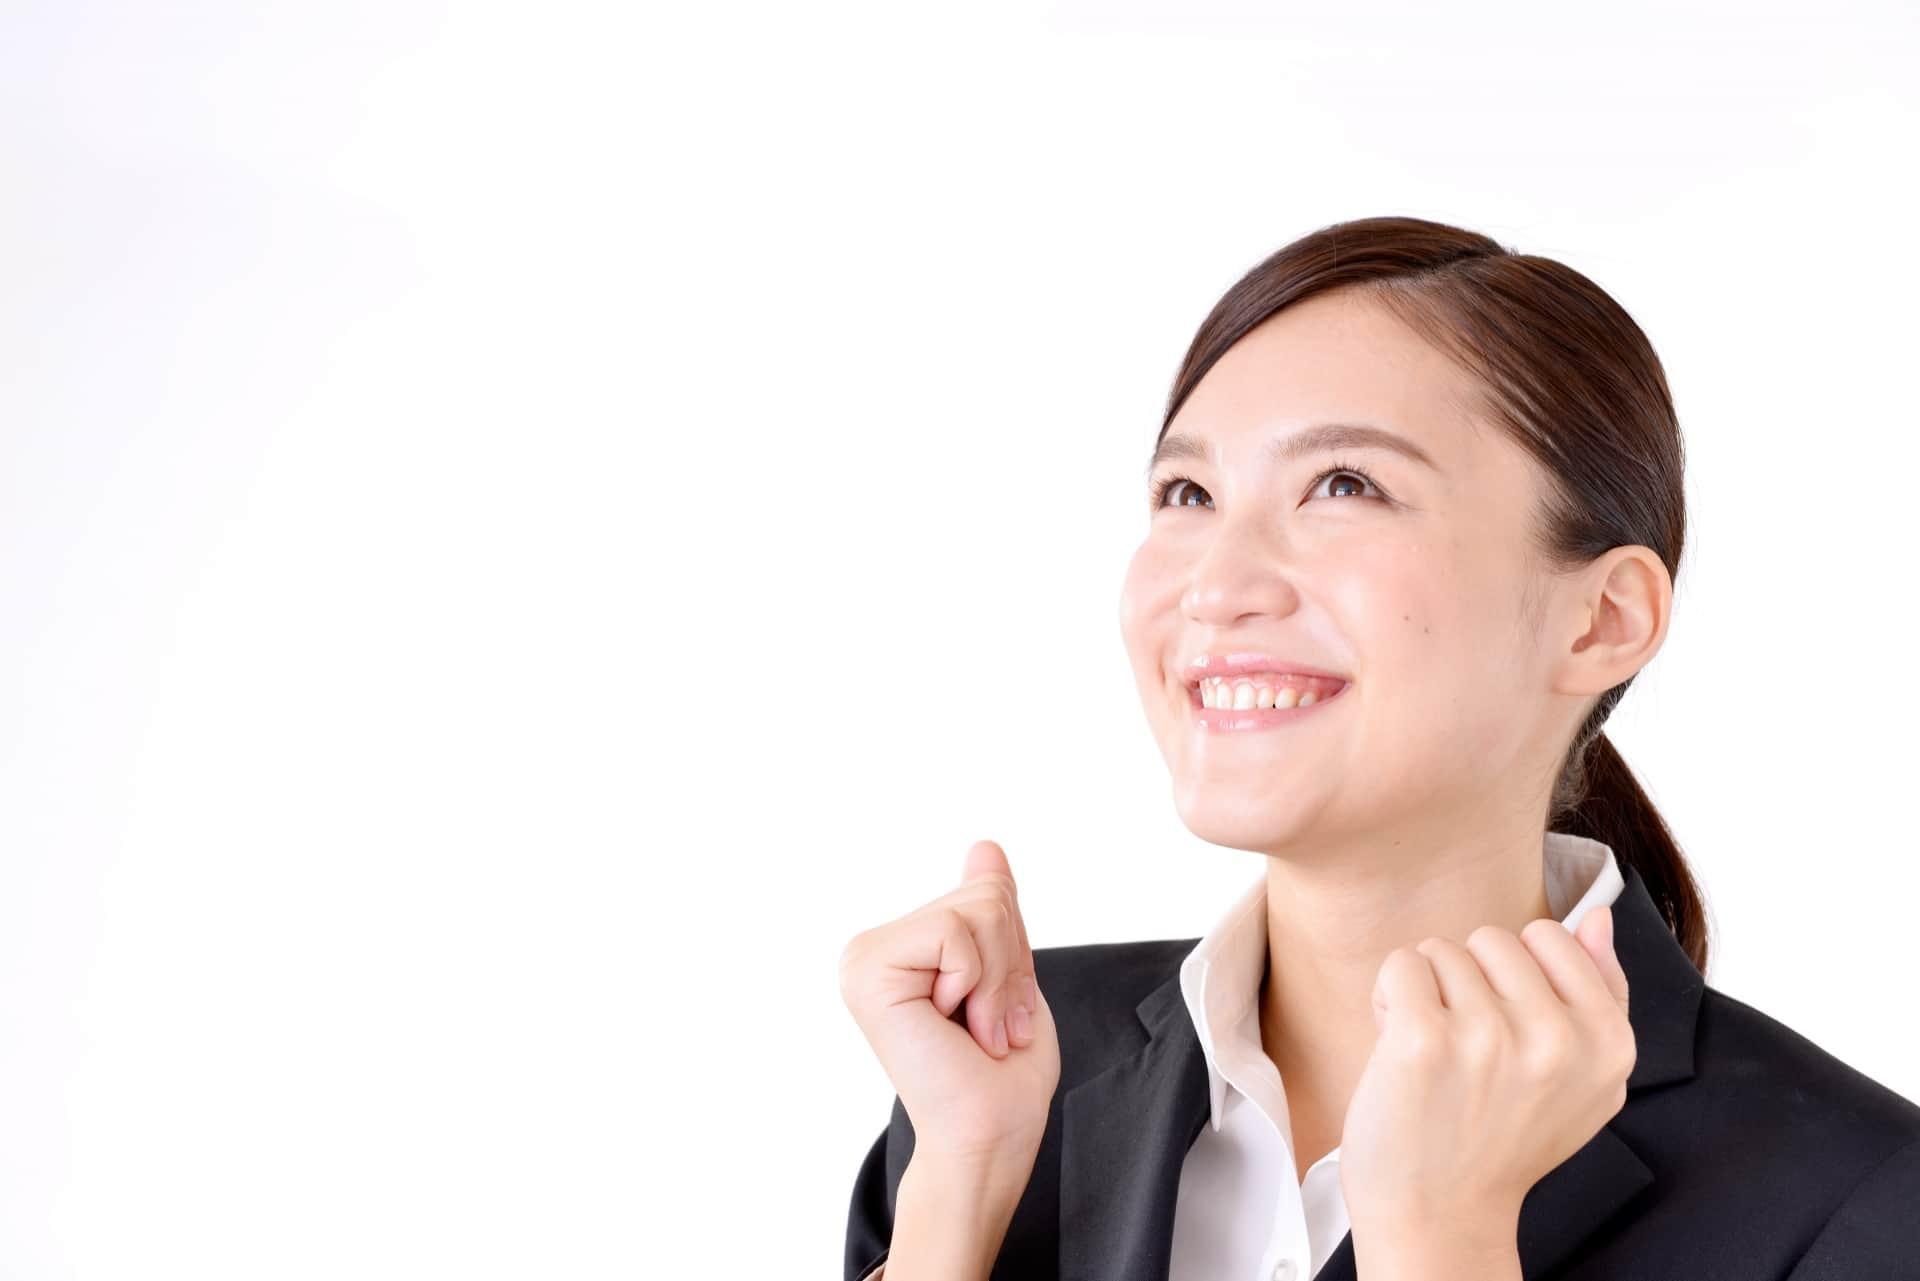 やりたい仕事を見つける方法12選!-自分に合った仕事へ就職/転職しよう-